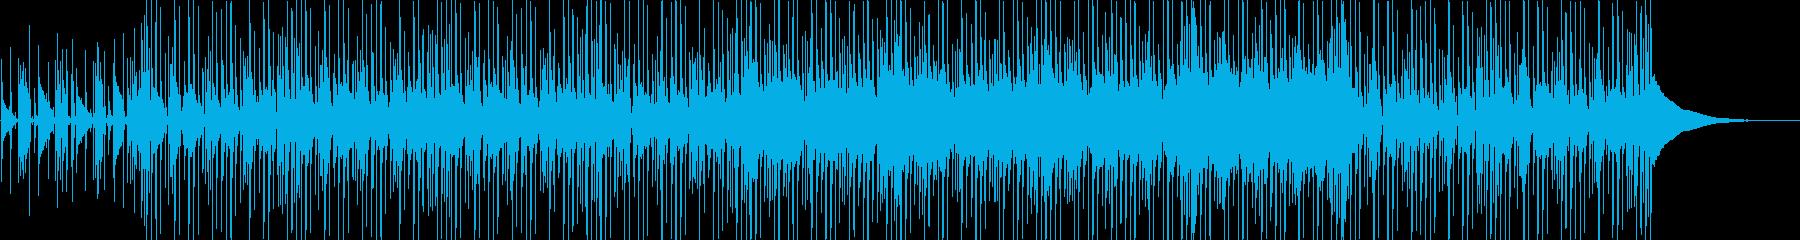 ほのぼのとした陽気なギターポップの再生済みの波形